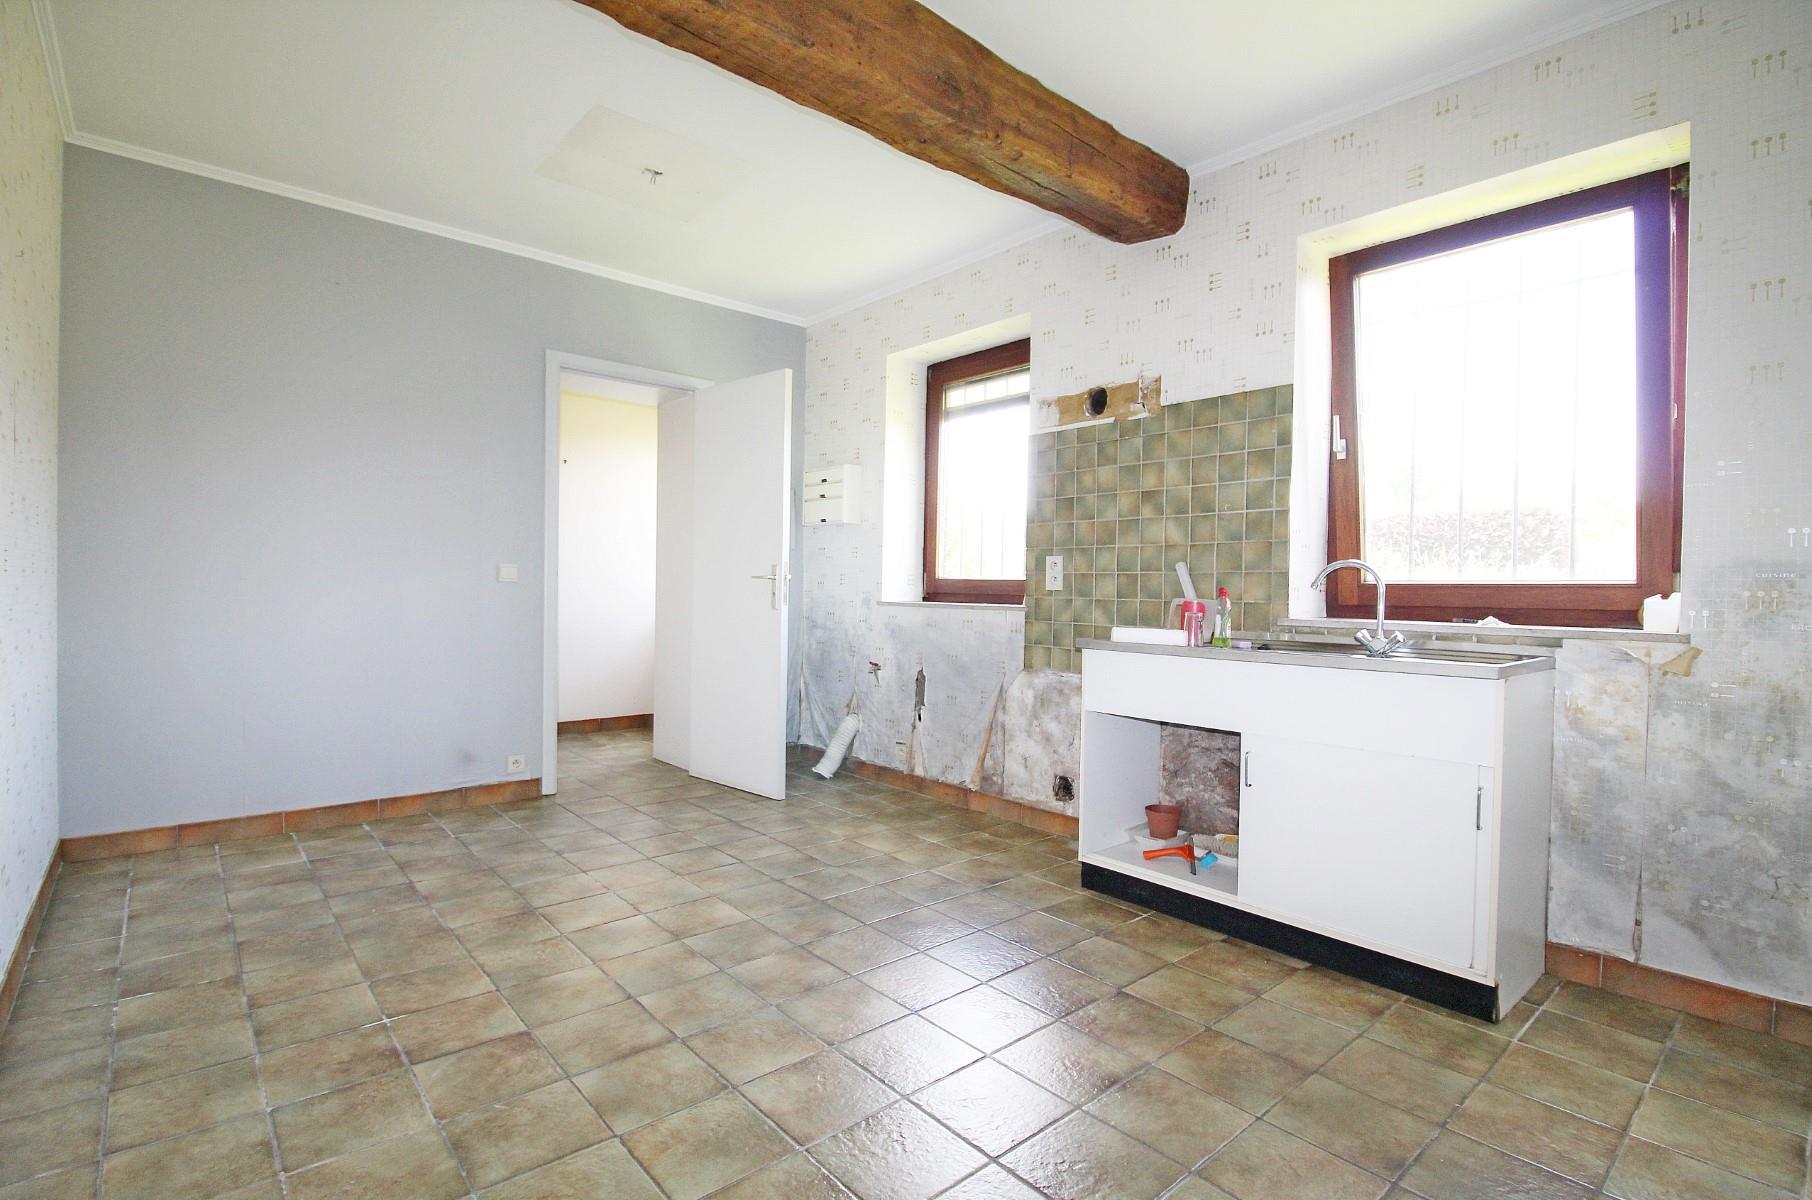 Maison - Liernu - #4080508-11